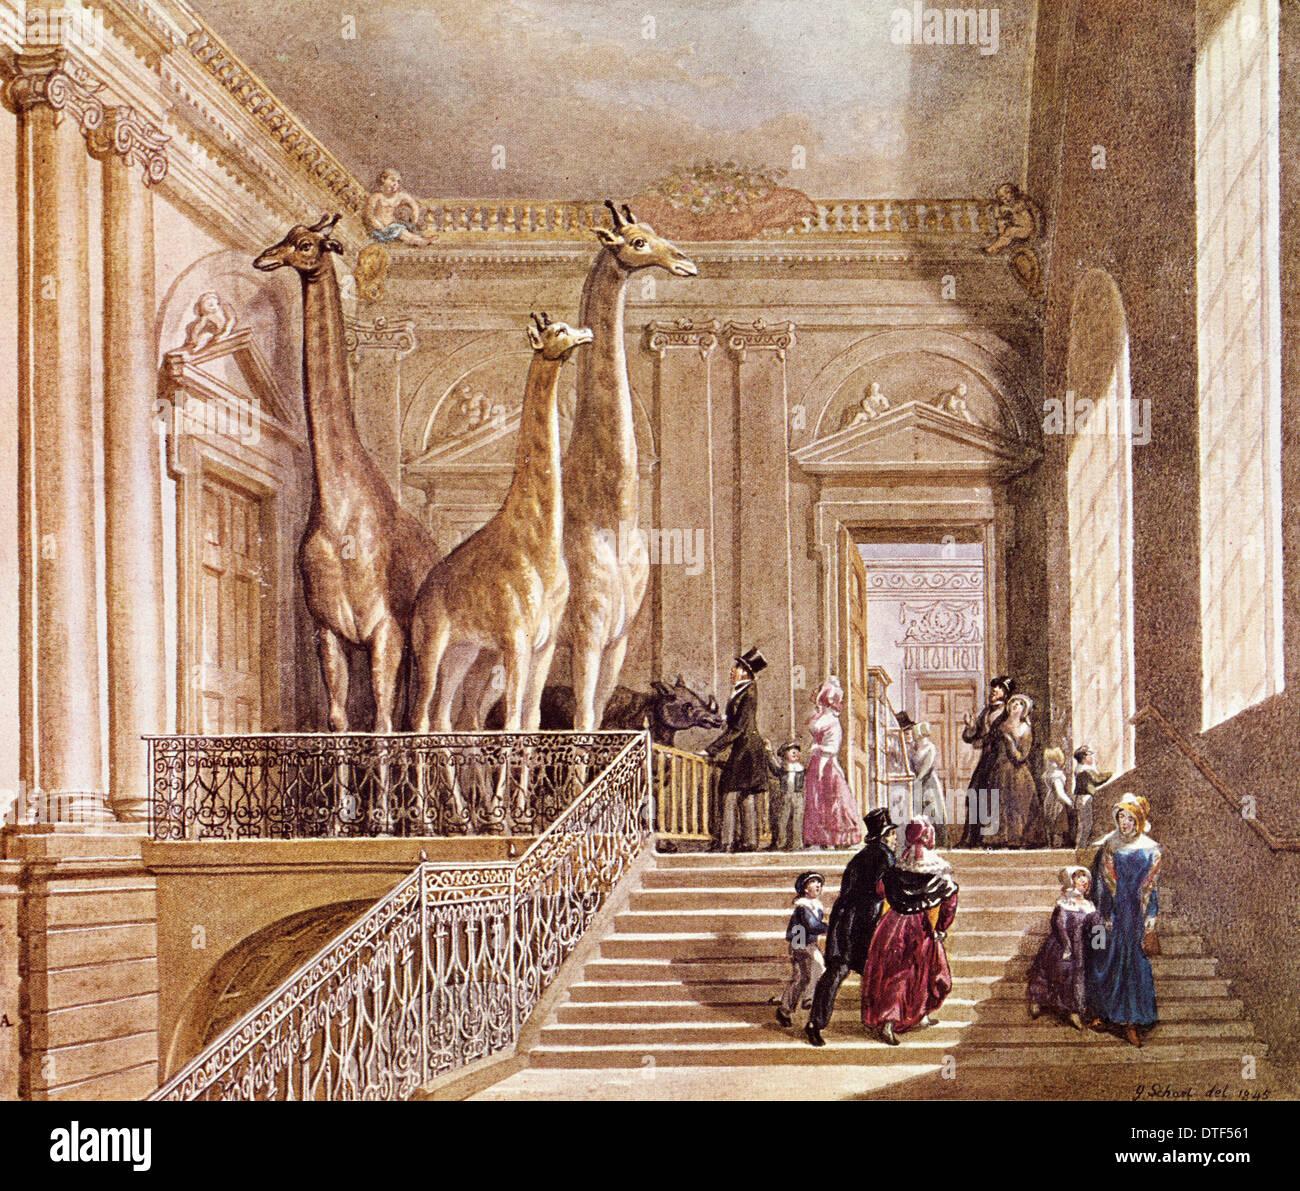 Natural History display at Montagu House - Stock Image